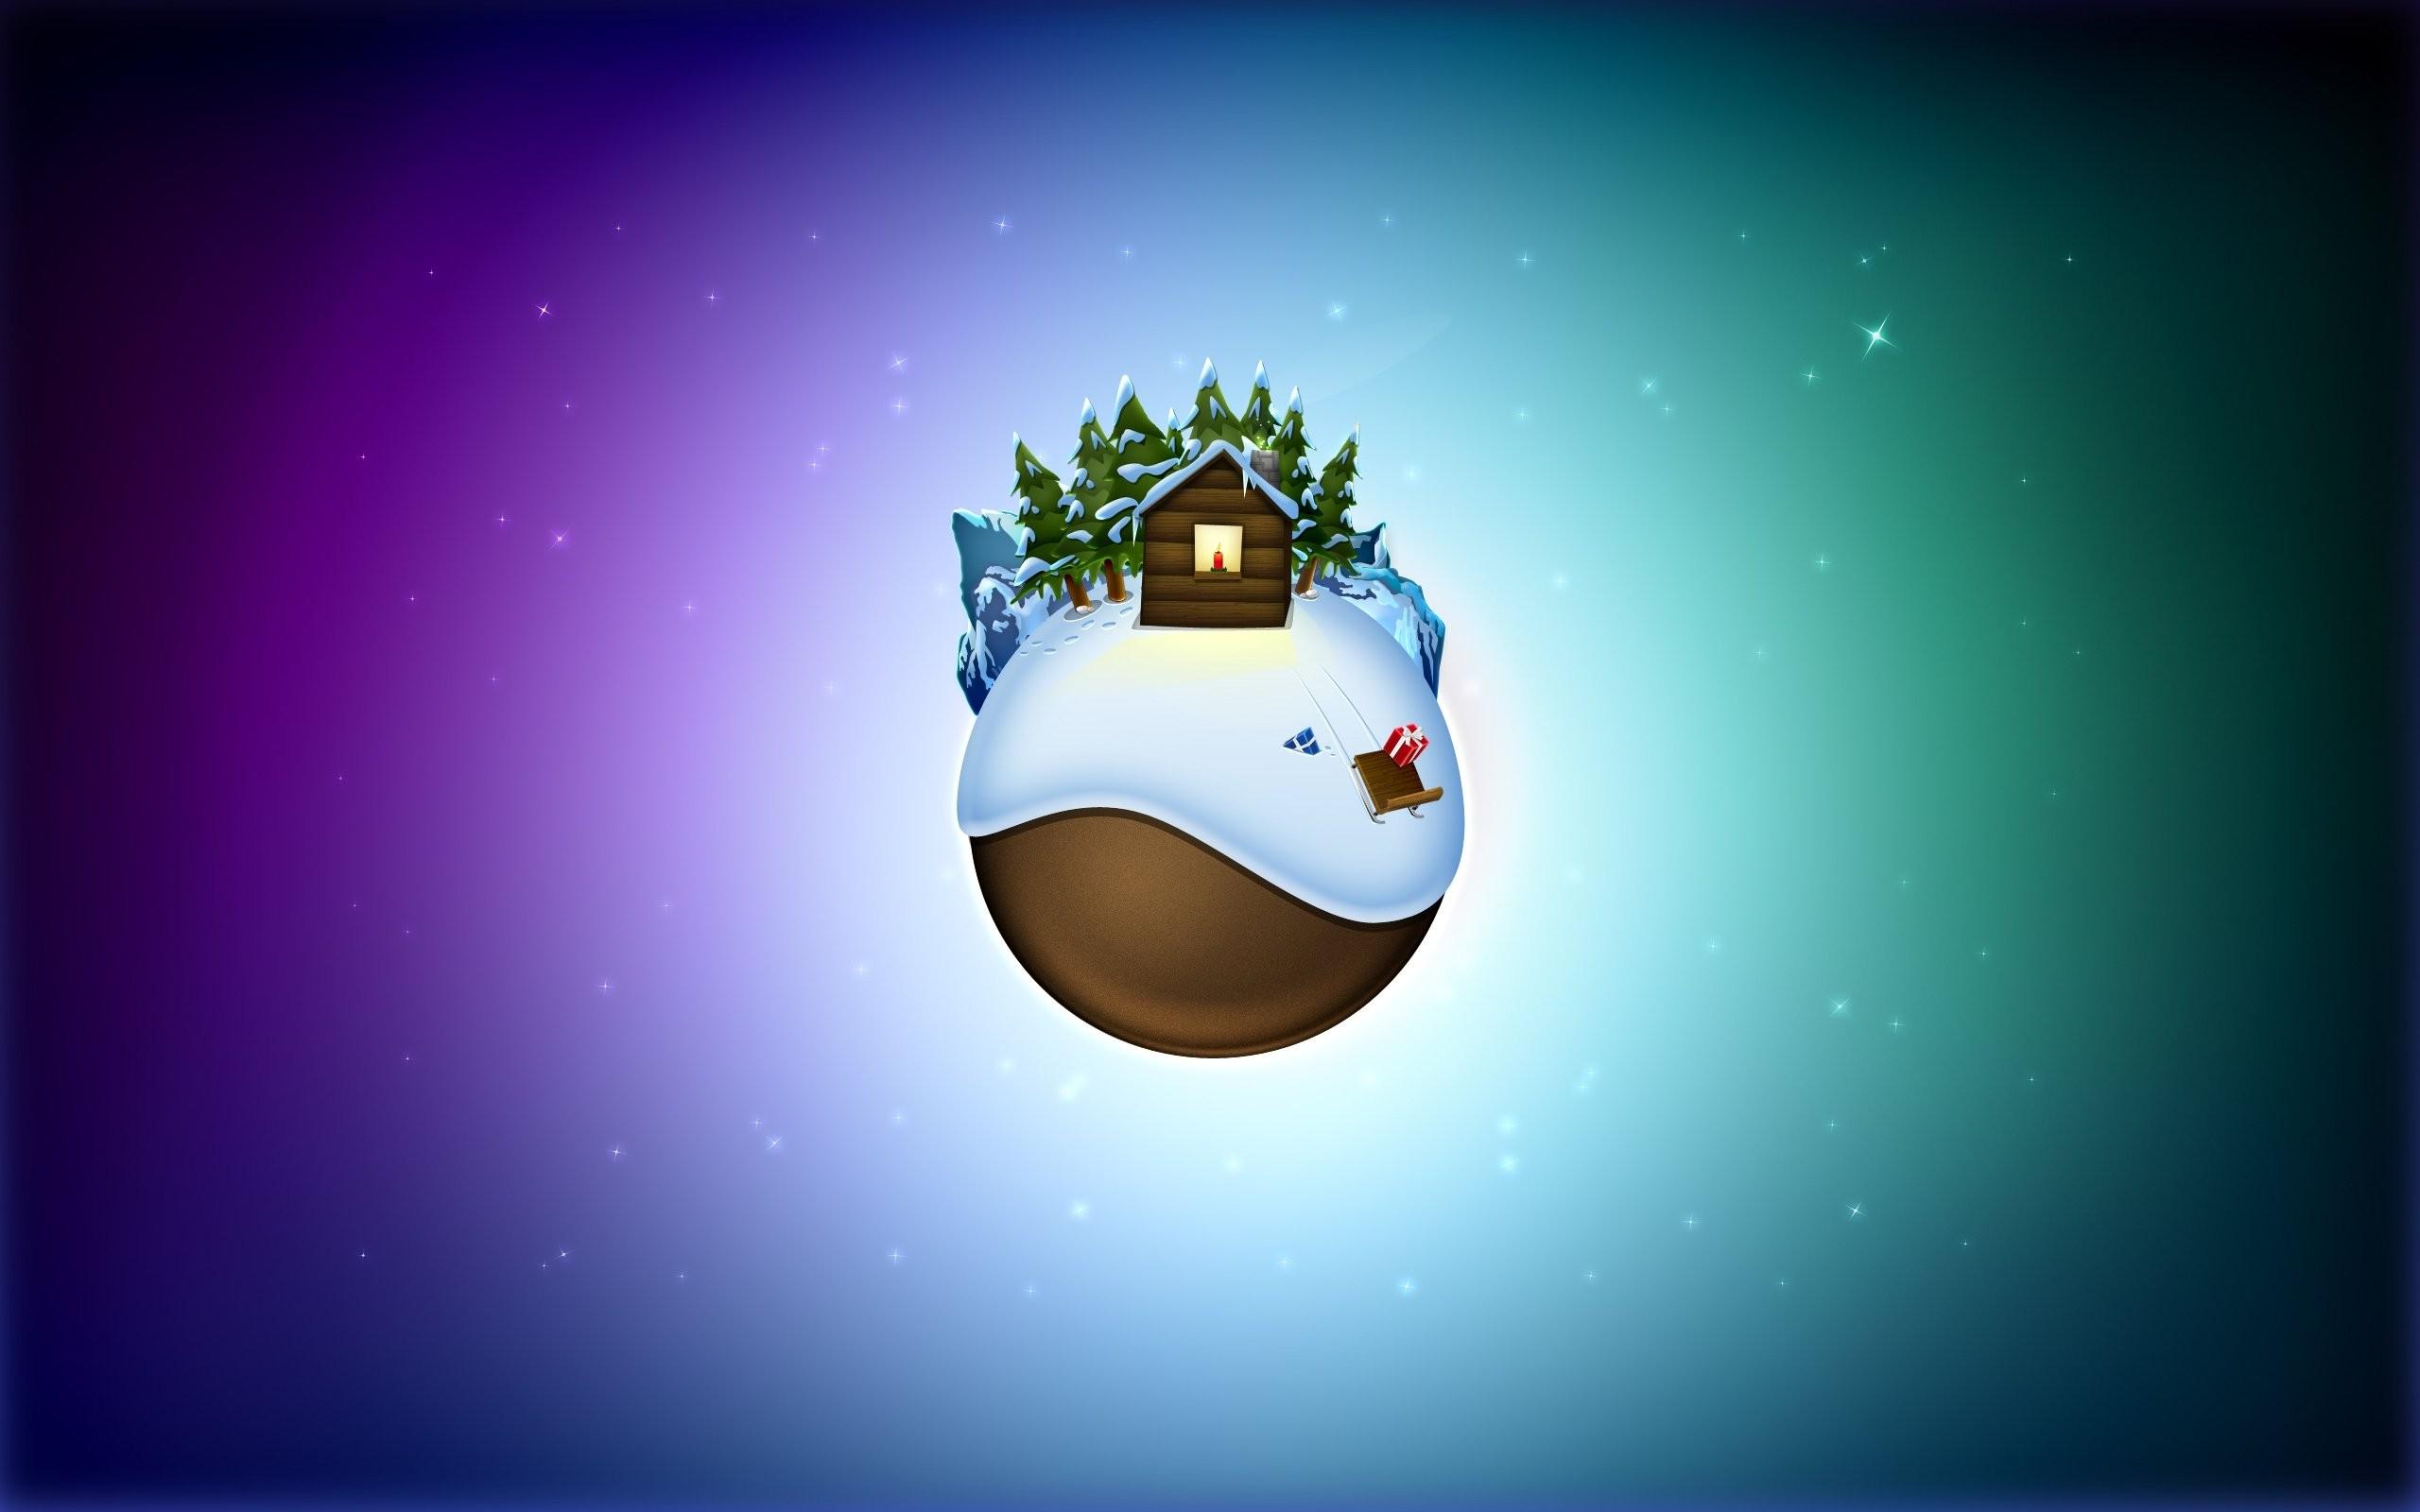 Árbol De Navidad Ilustración 2015 Ultra Hd Wallpapers: Fondos De Pantalla : Árboles, Ilustración, Montañas